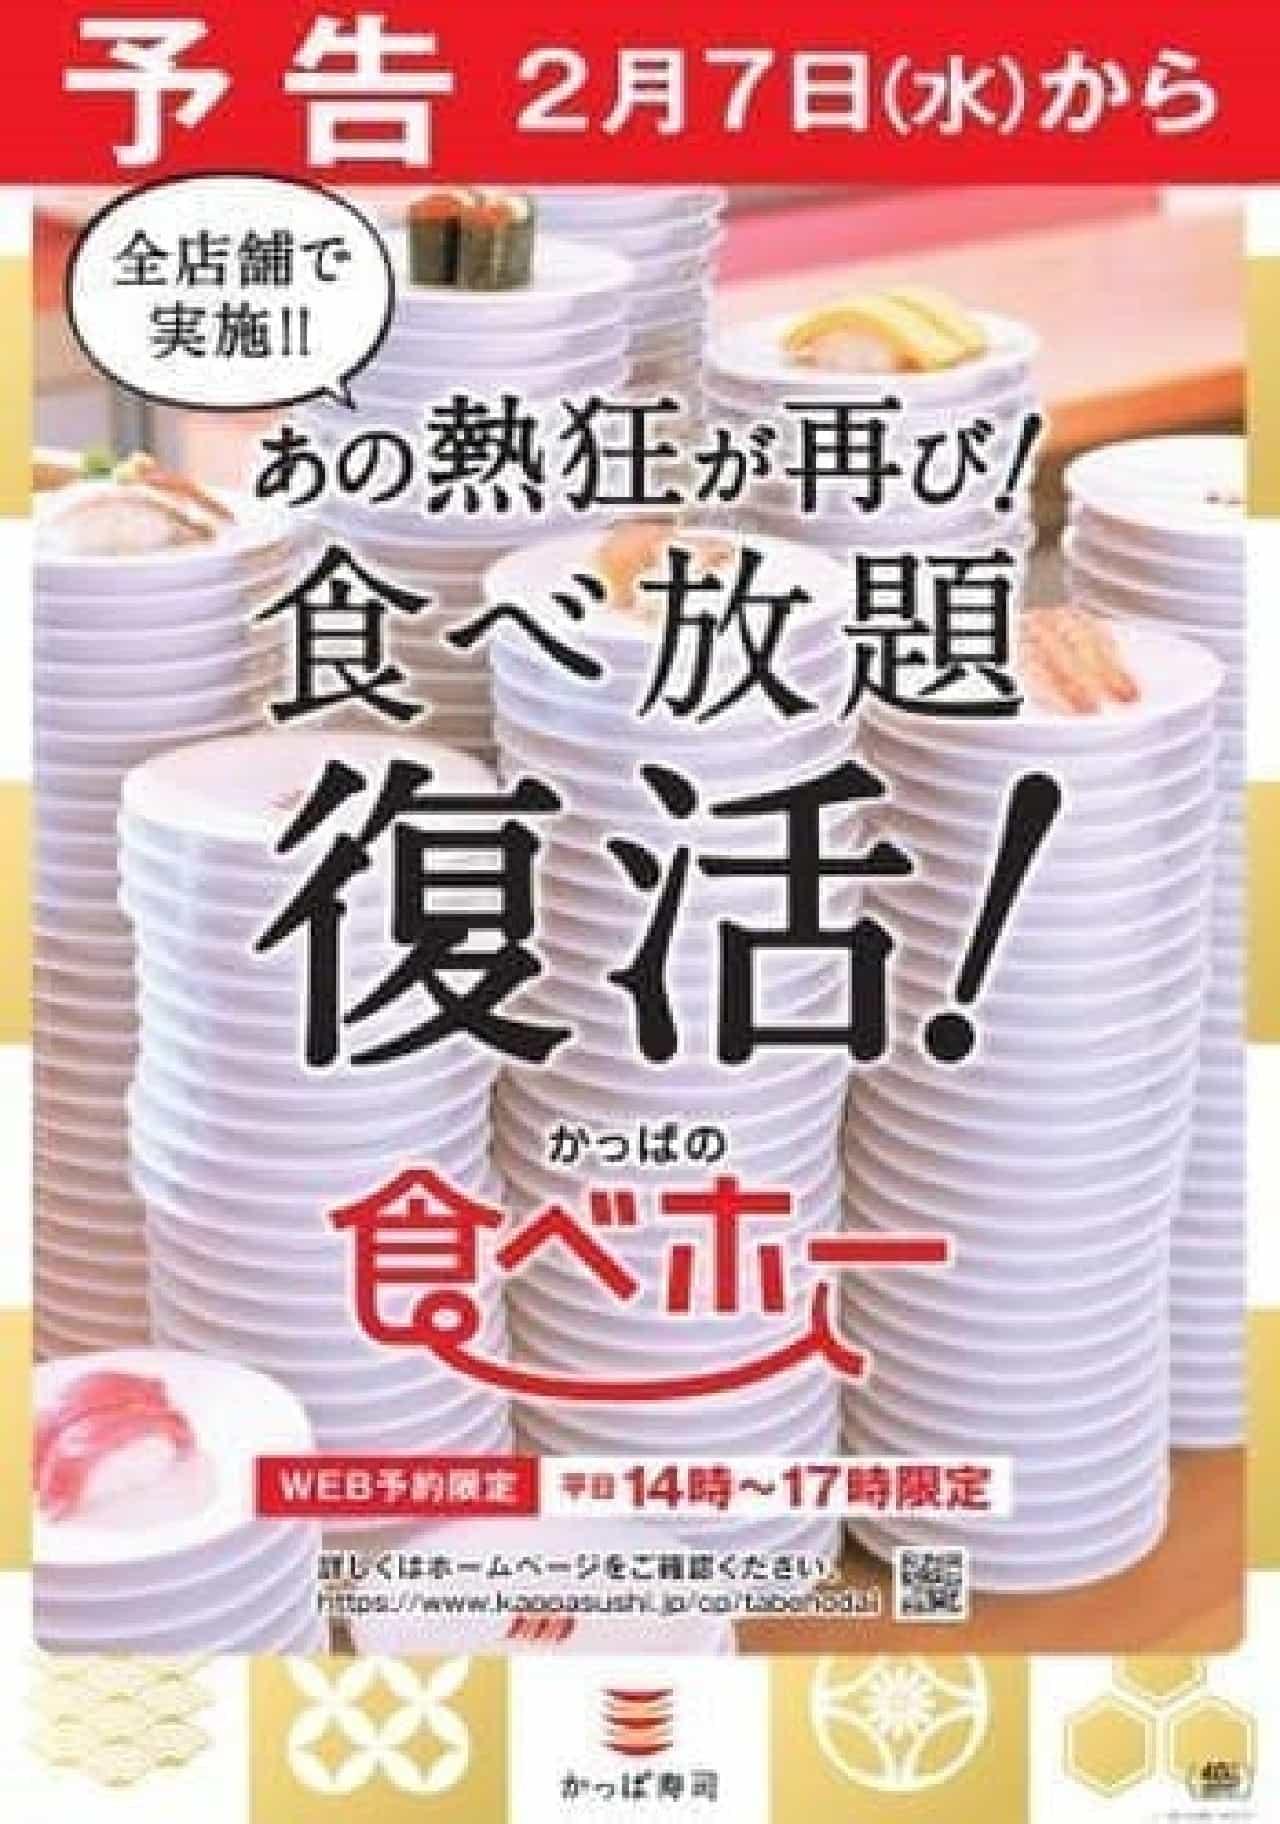 かっぱ寿司の食べ放題「かっぱの食べホー」全店で復活